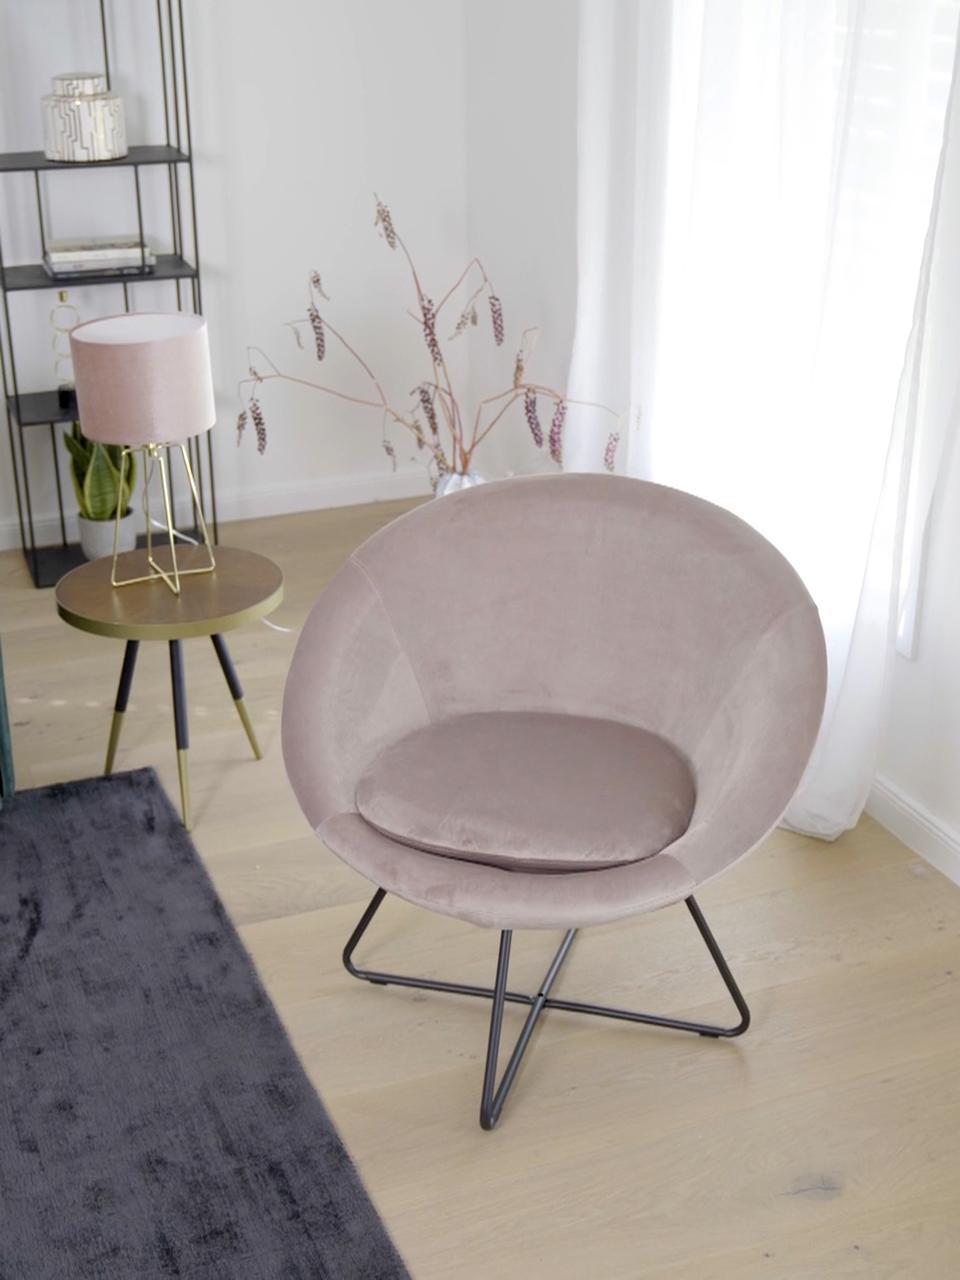 Poltrona in velluto rosa cipria Center, Rivestimento: velluto di poliestere Con, Gambe: metallo verniciato a polv, Rosa cipria, Larg. 82 x Alt. 71 cm